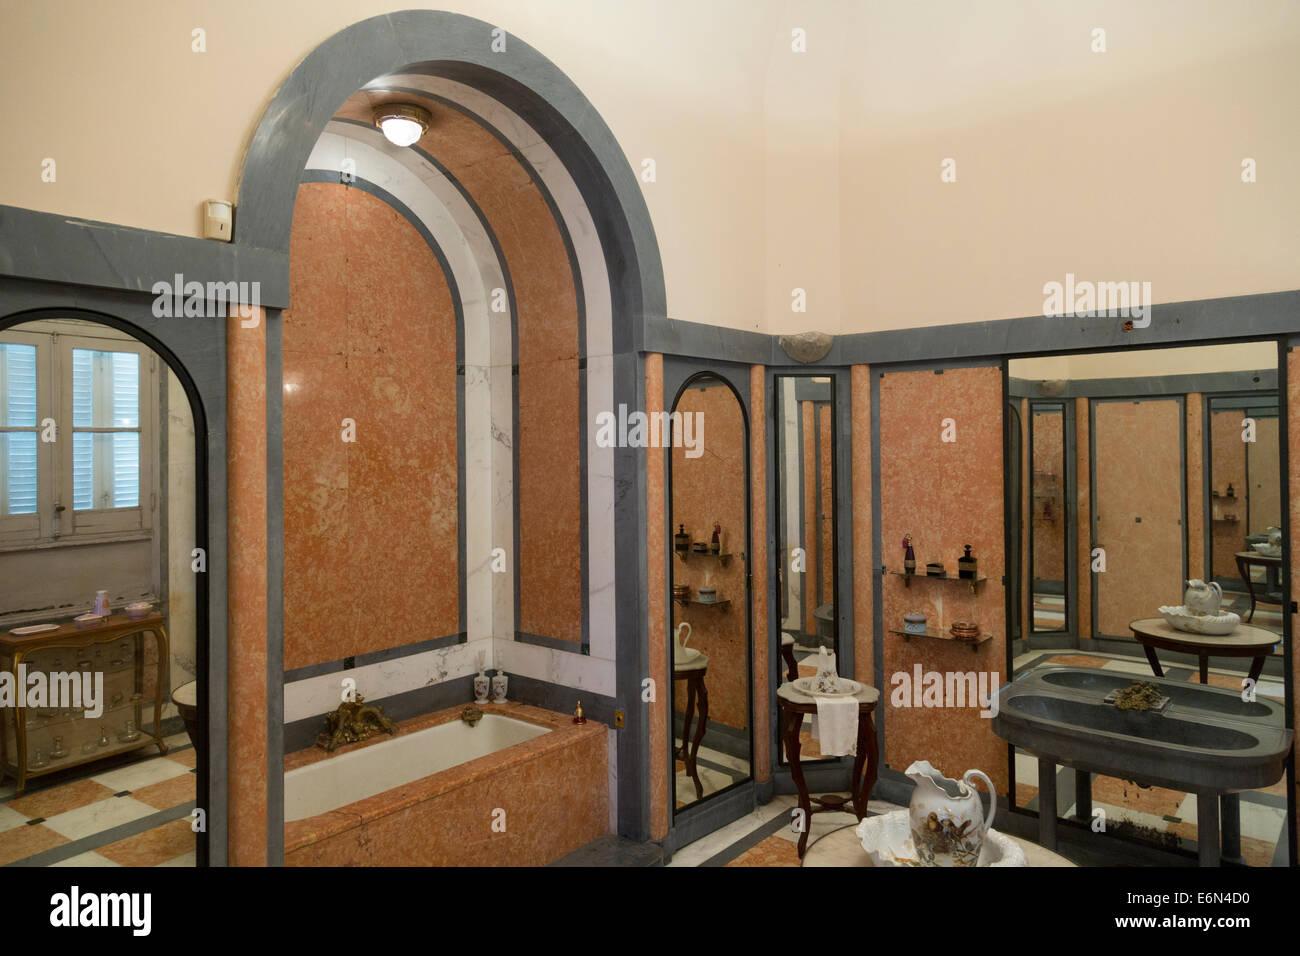 Stile art deco bagno, Museo di Arti Decorative, Havana, Cuba Immagini Stock